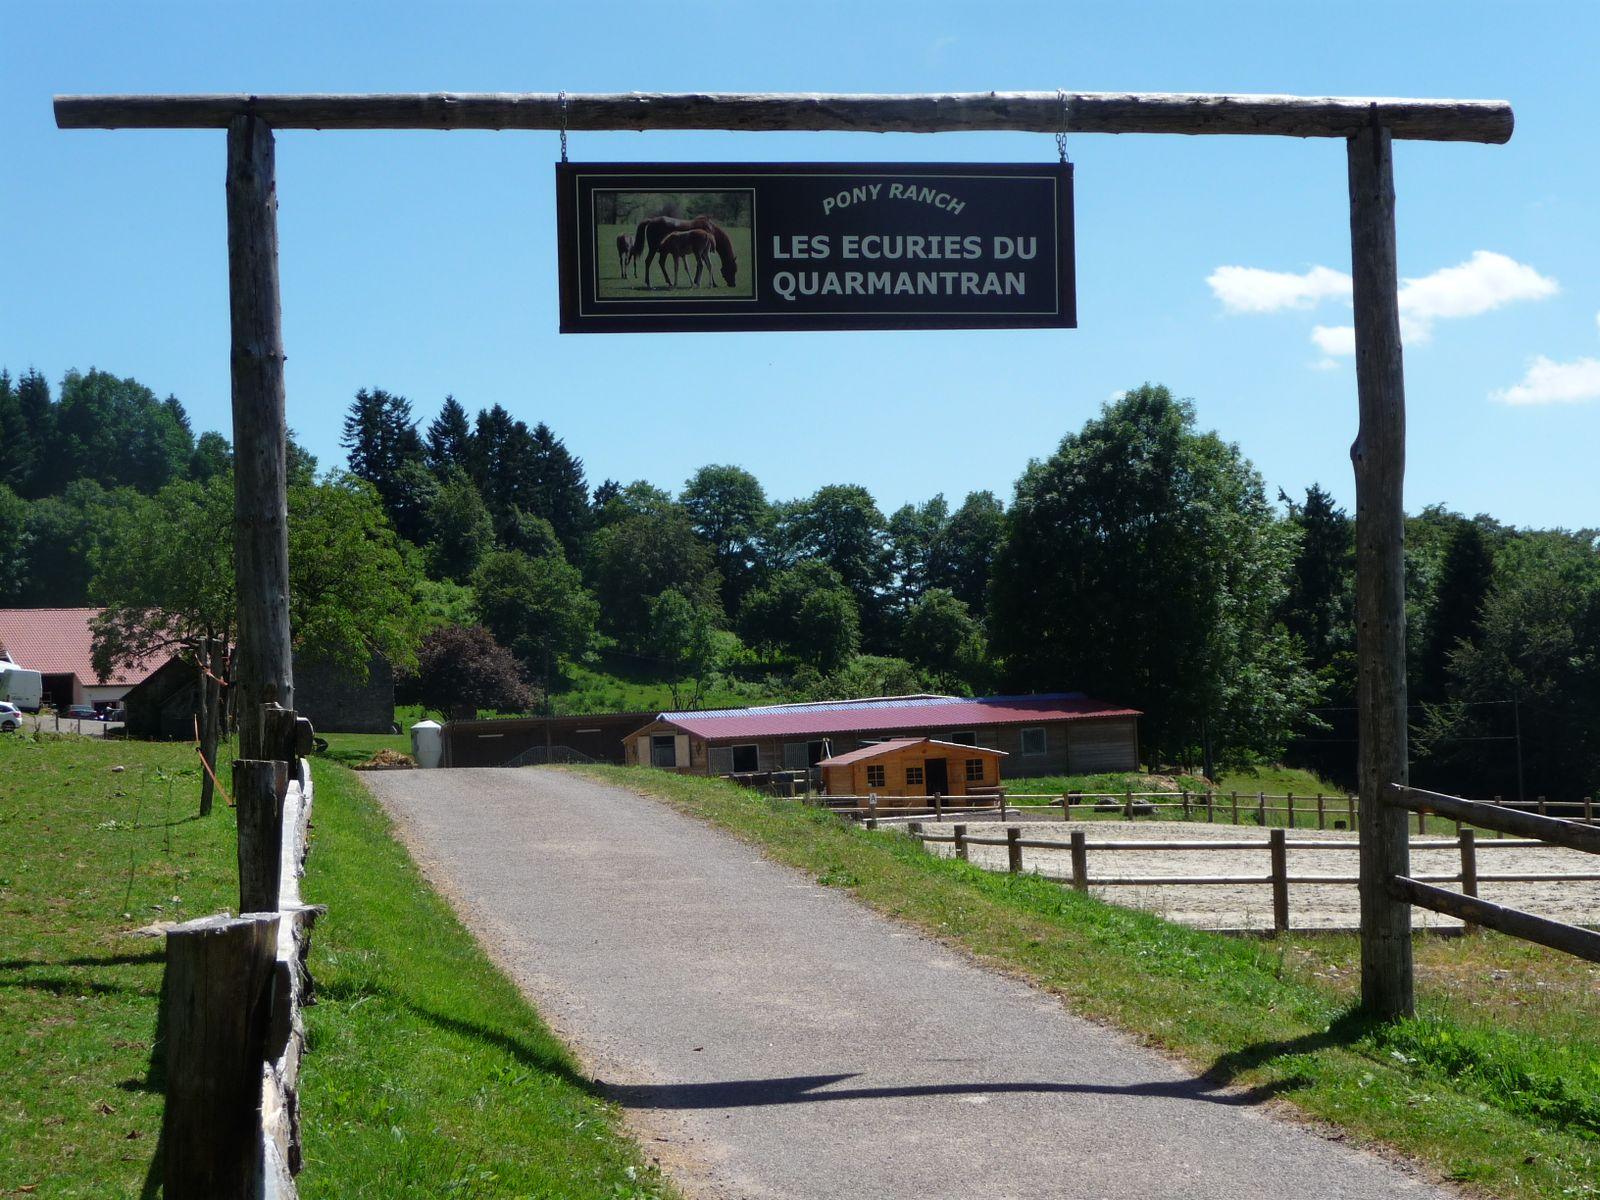 La Rosière - Ferme  Equestre les écuries de Quarmantran à 4 Kilomètres du Gite.